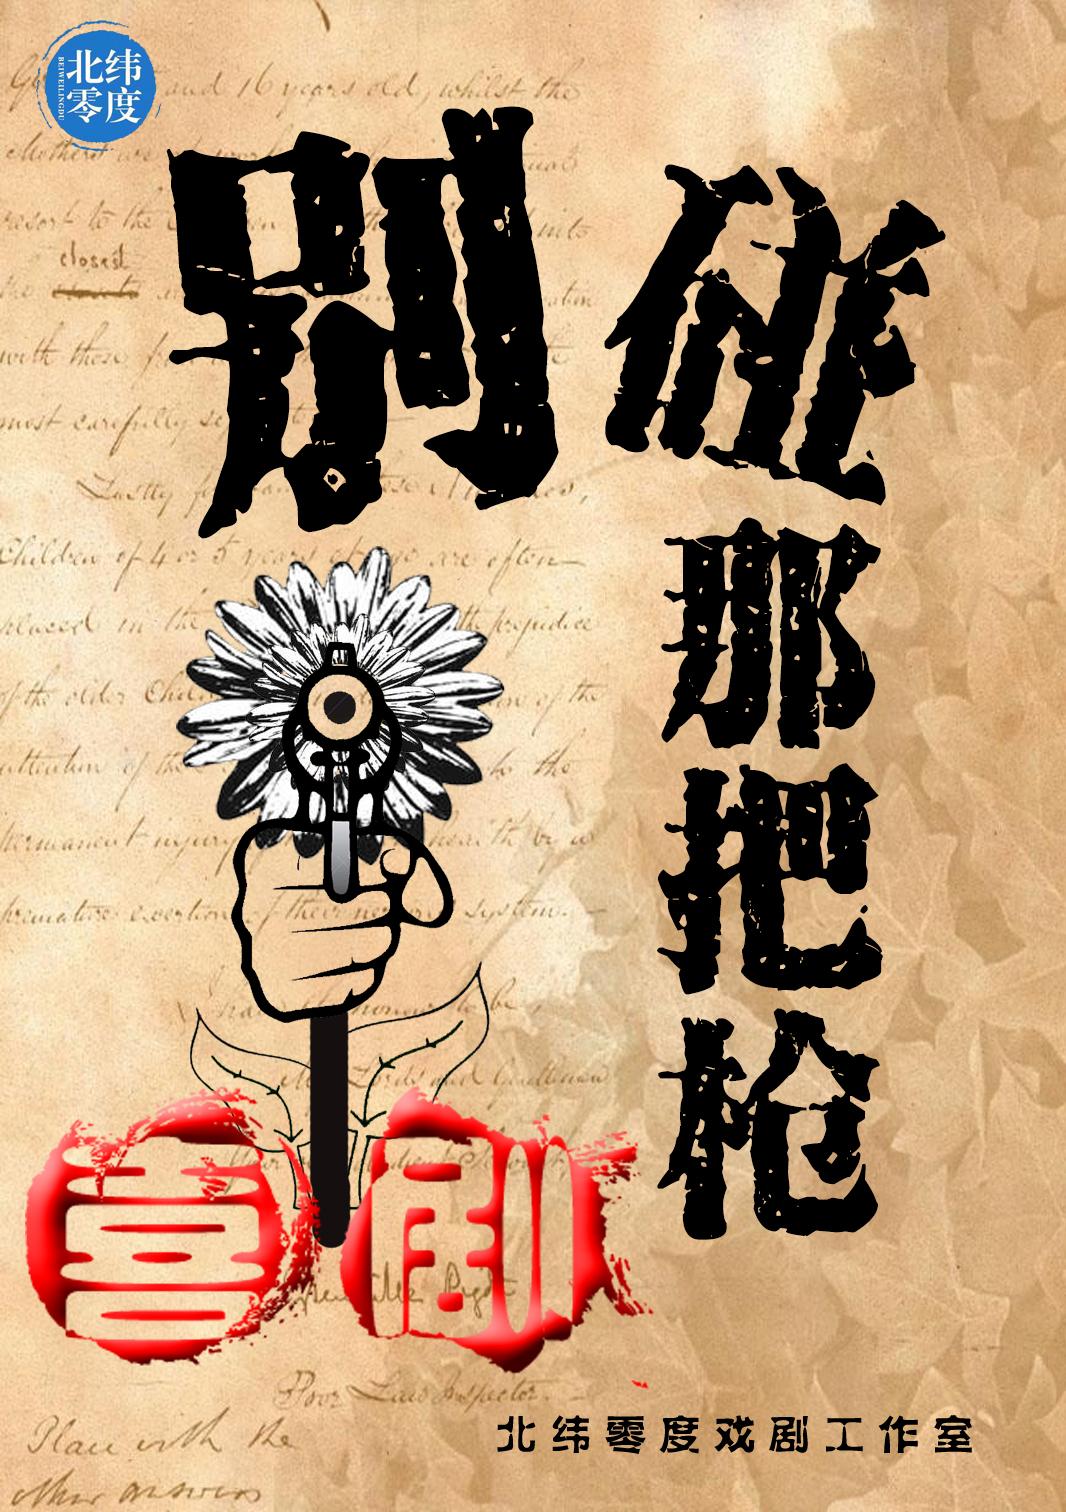 七月神反转喜剧《别碰那把枪》深圳站